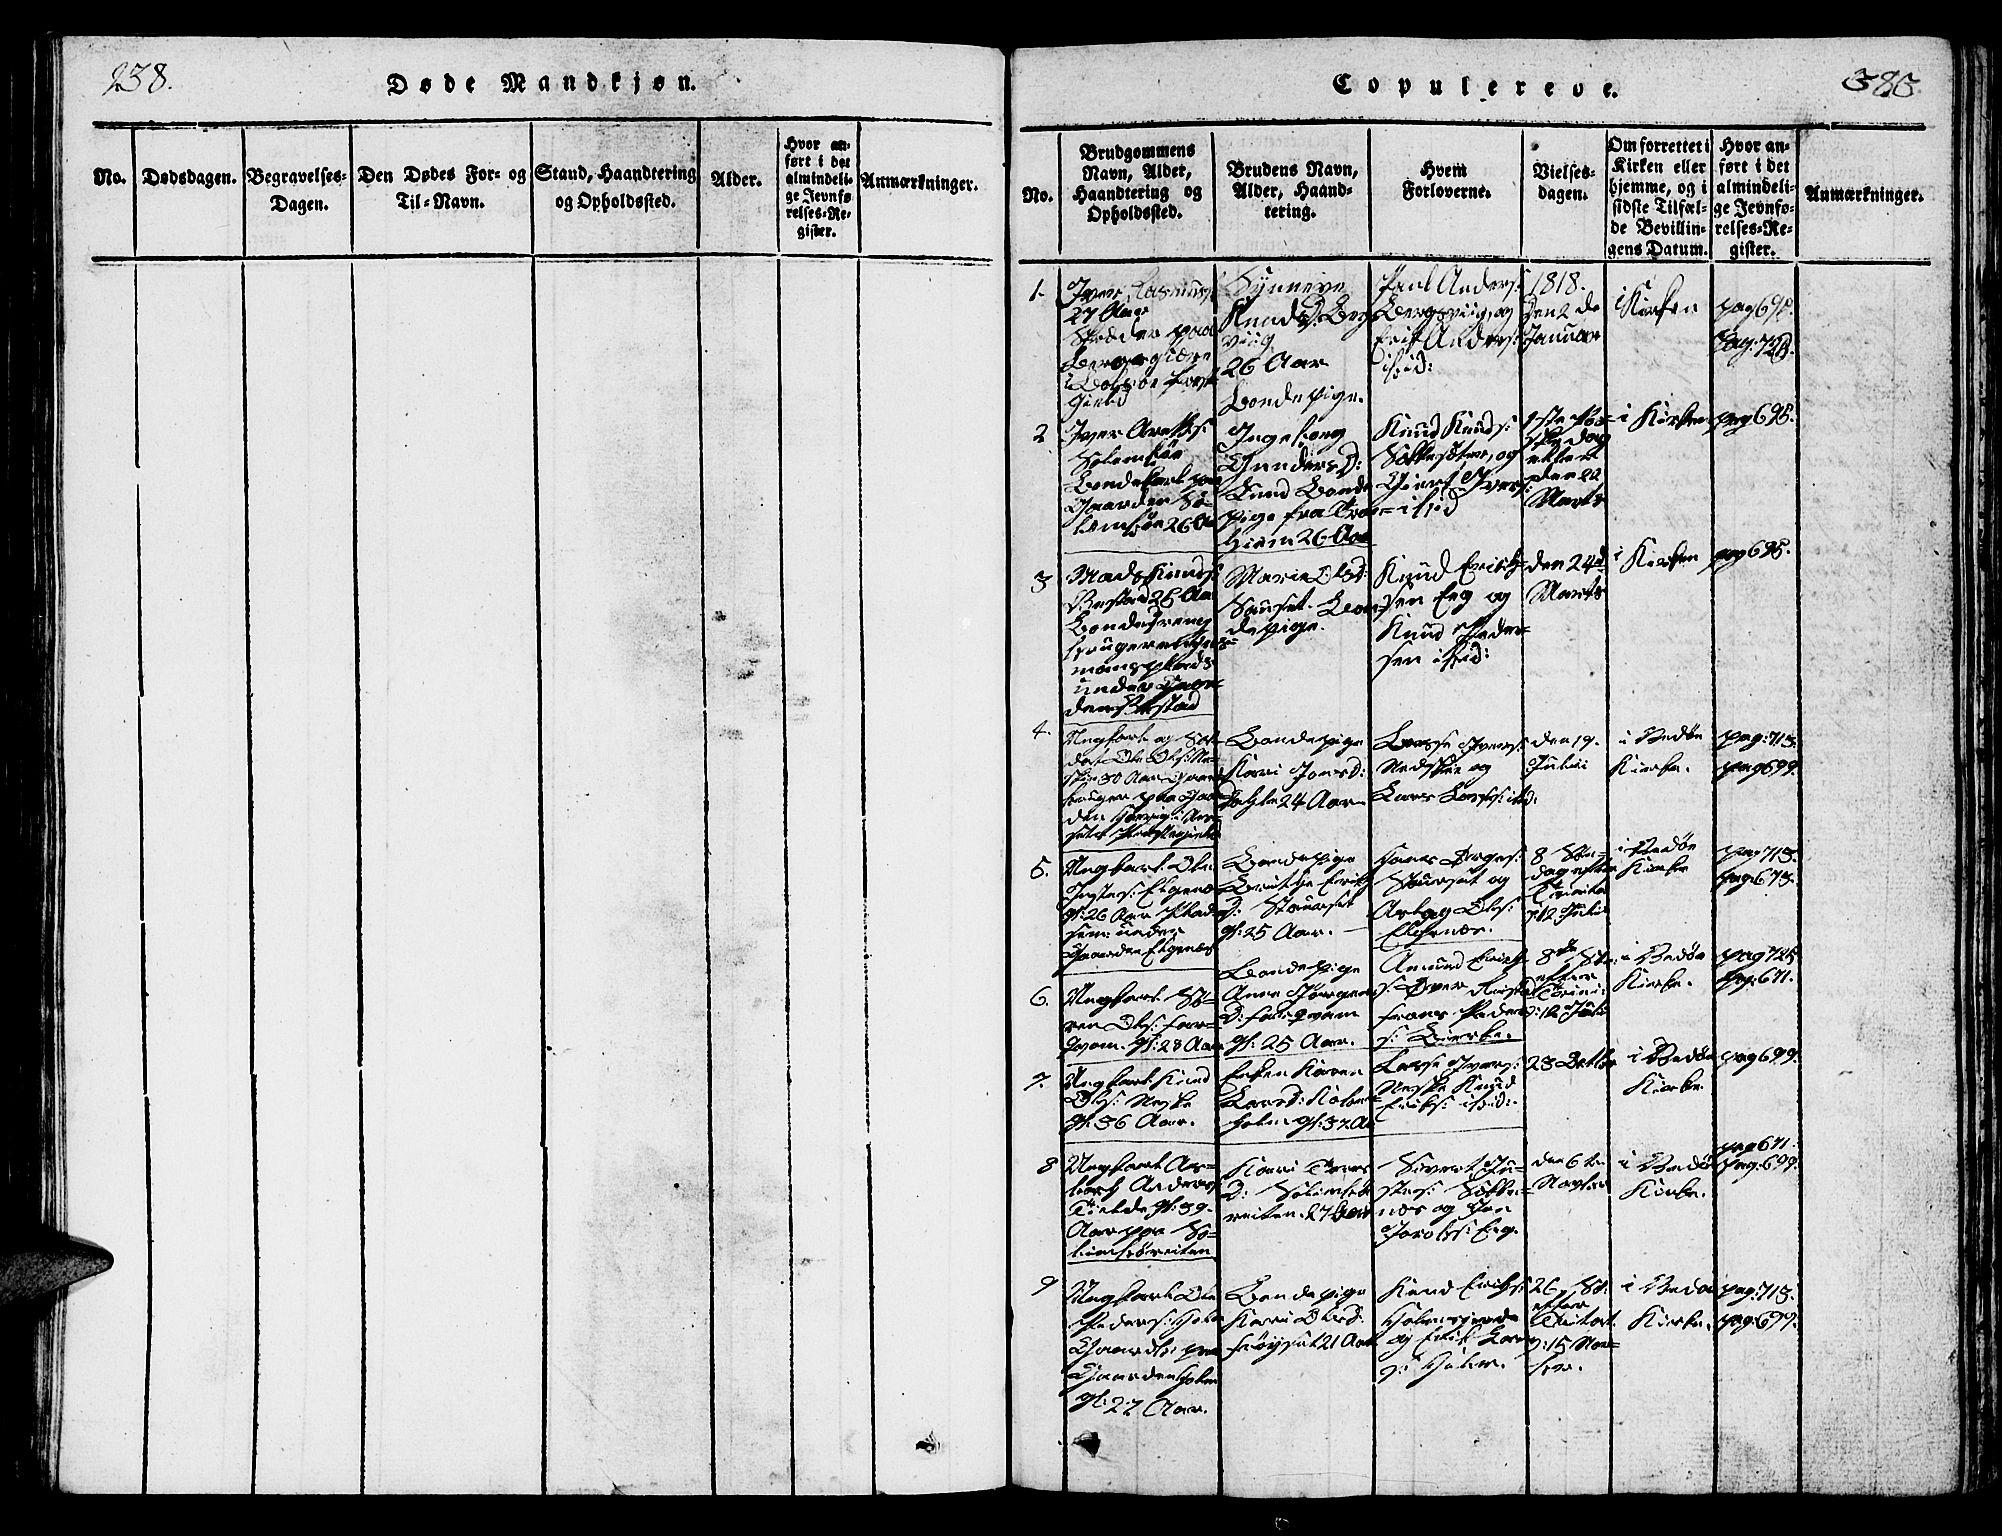 SAT, Ministerialprotokoller, klokkerbøker og fødselsregistre - Møre og Romsdal, 547/L0610: Klokkerbok nr. 547C01, 1818-1839, s. 383